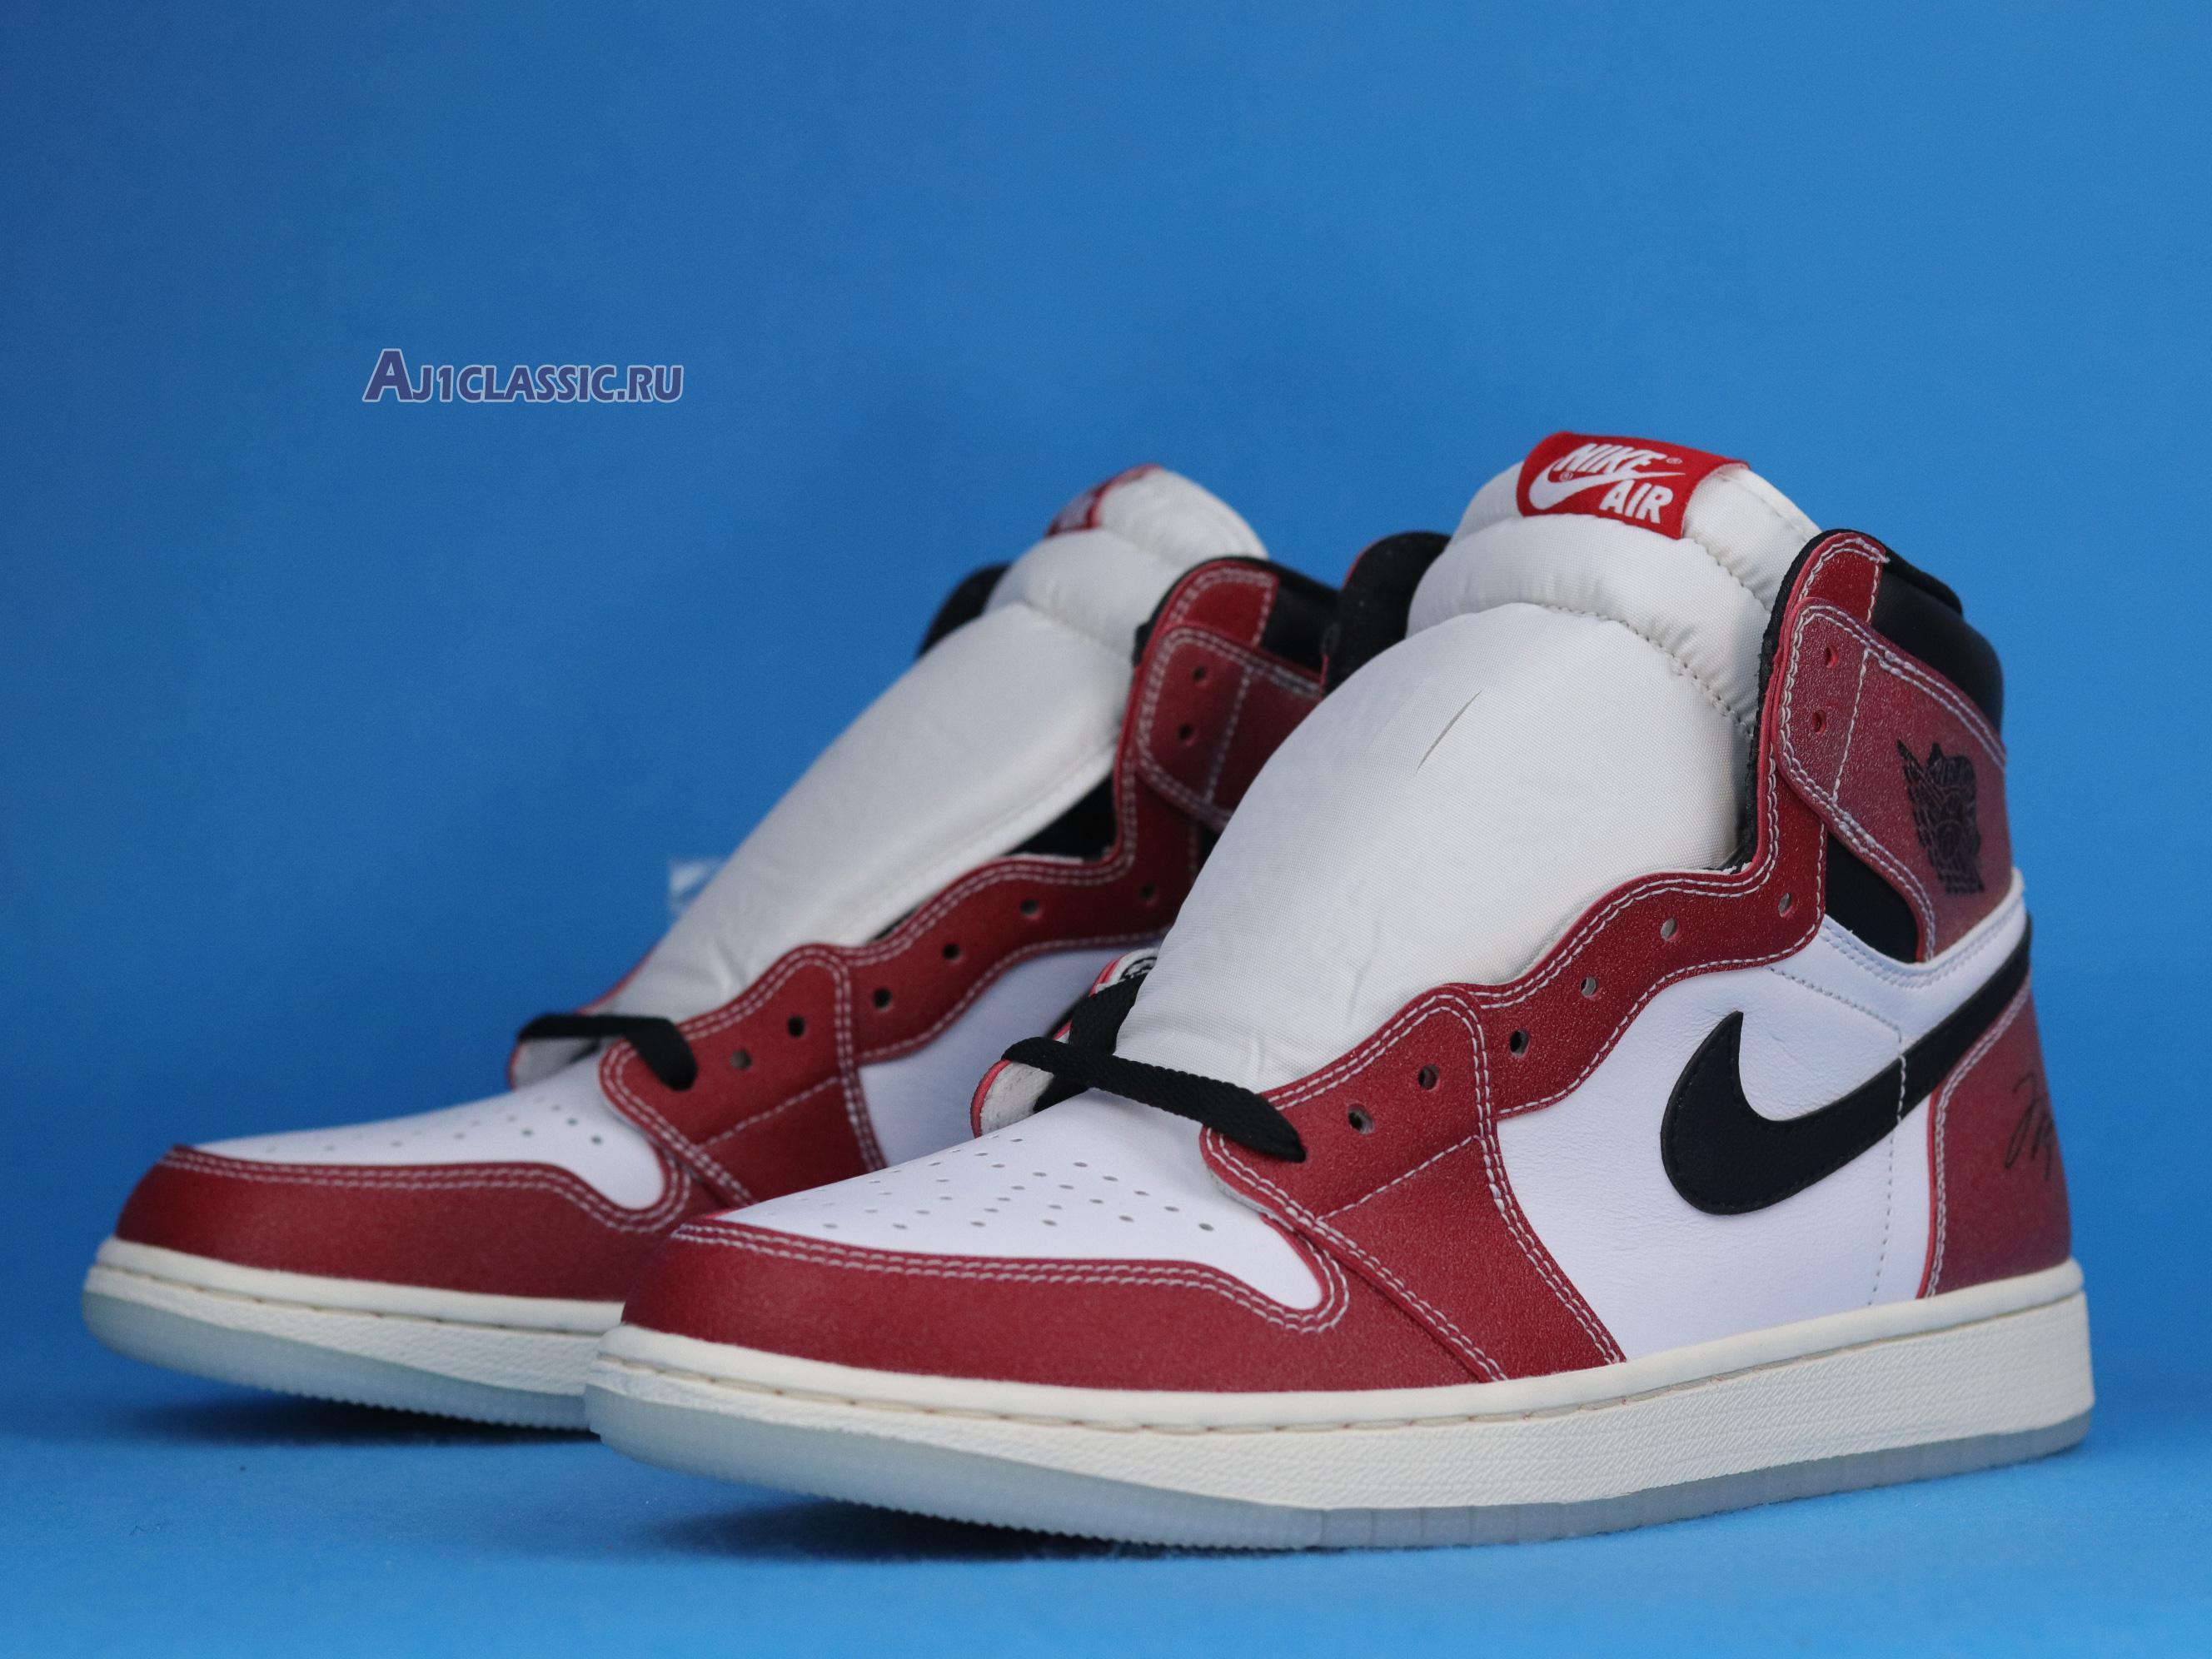 """Trophy Room x Air Jordan 1 Retro High OG SP """"Chicago"""" DA2728-100"""